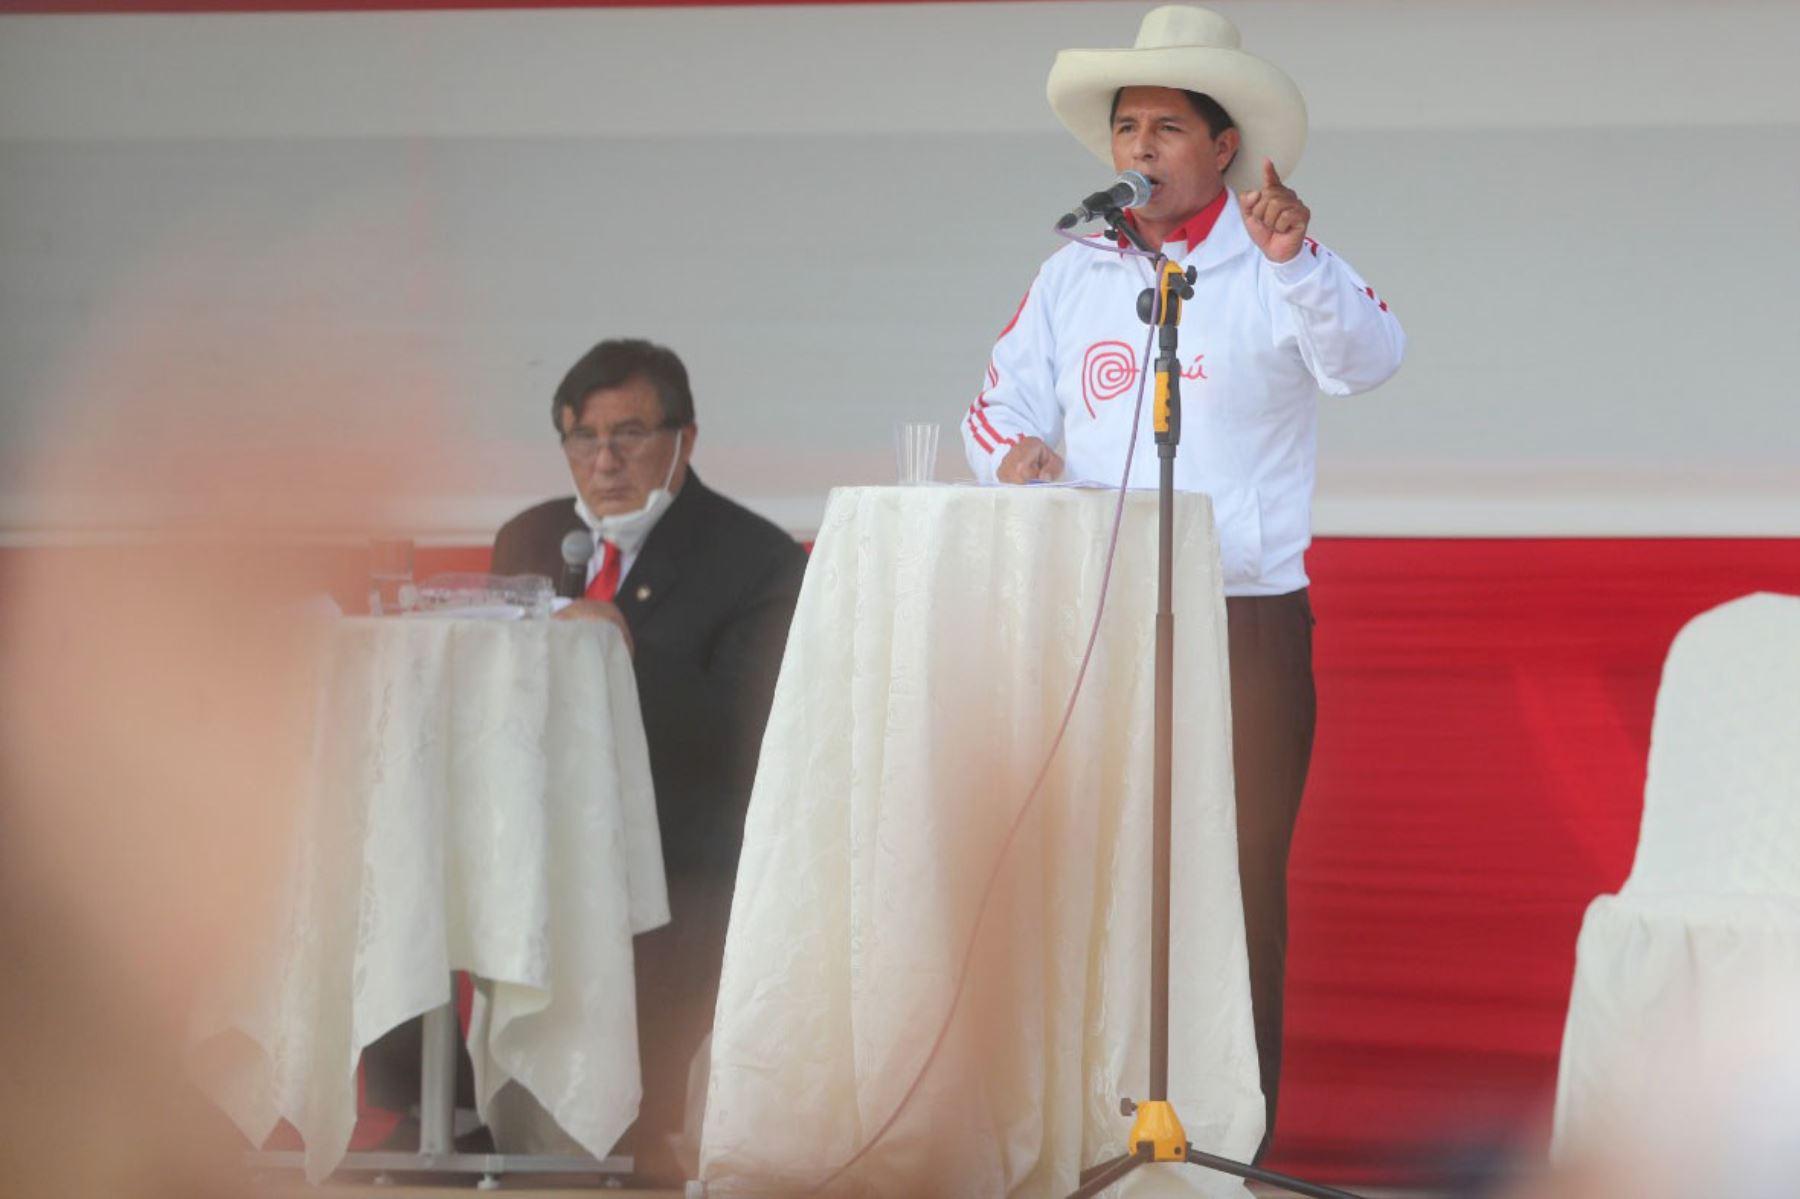 Los candidatos presidenciales Keiko Fujimori y Pedro Castillo debaten hoy en la plaza de armas de Chota, Cajamarca. Foto: ANDINA/Carla Patiño Ramírez